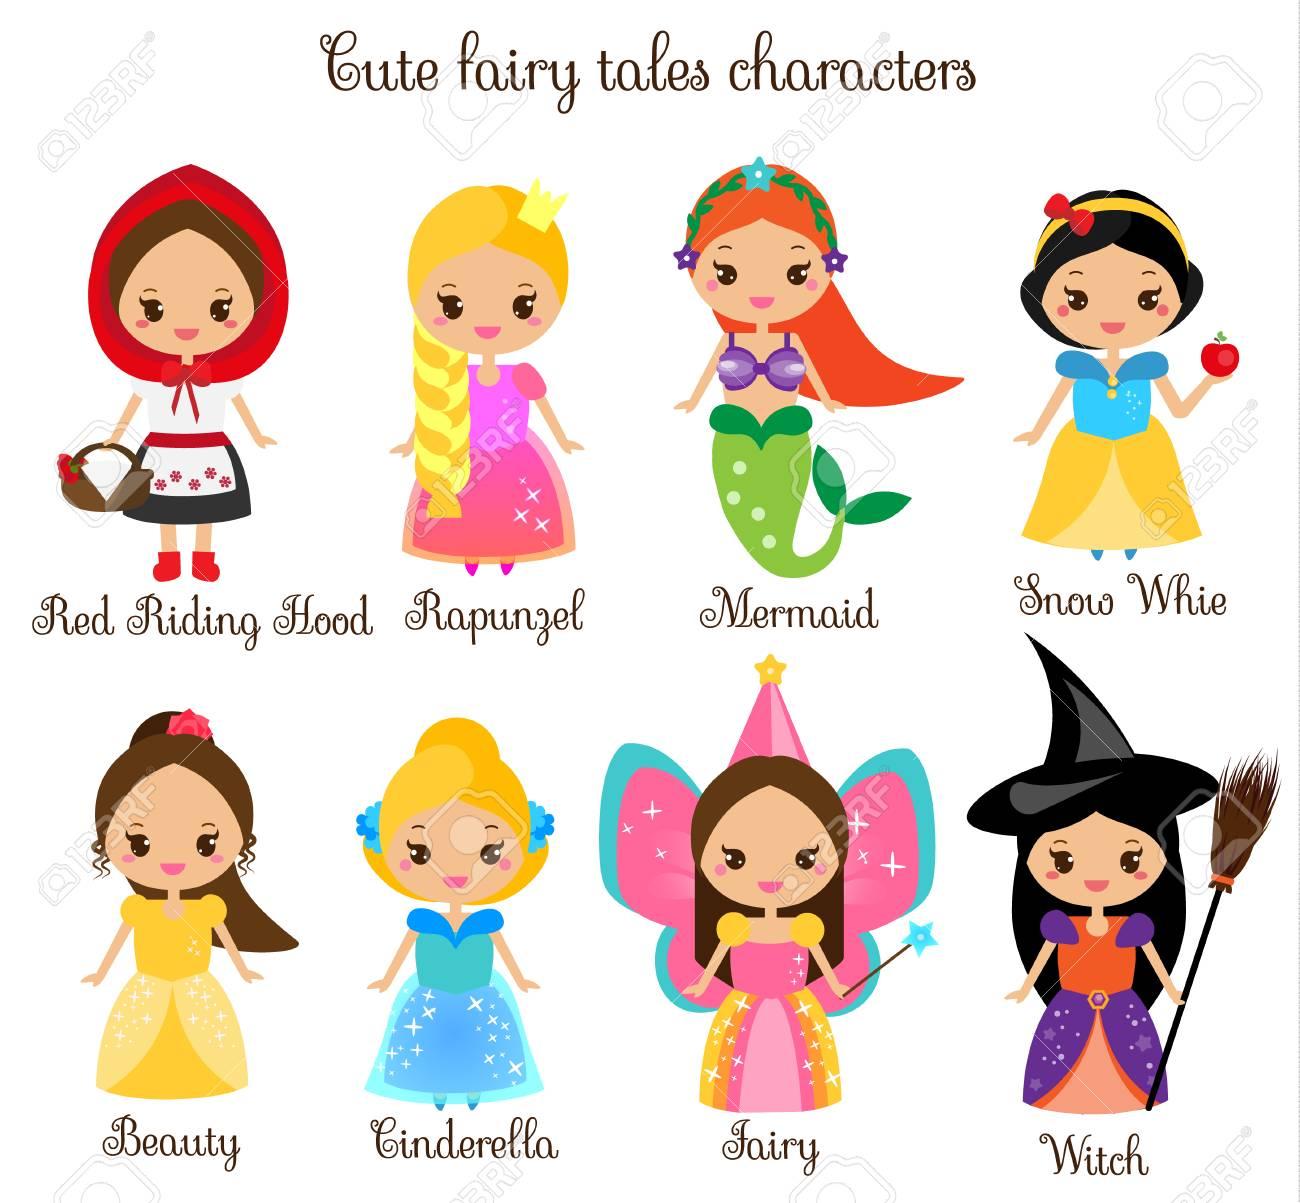 Personnages De Contes De Fées Kawaii Mignons Neige Blanche Chaperon Rouge Raiponce Cendrillon Princesse Dans De Belles Robes Style De Dessin